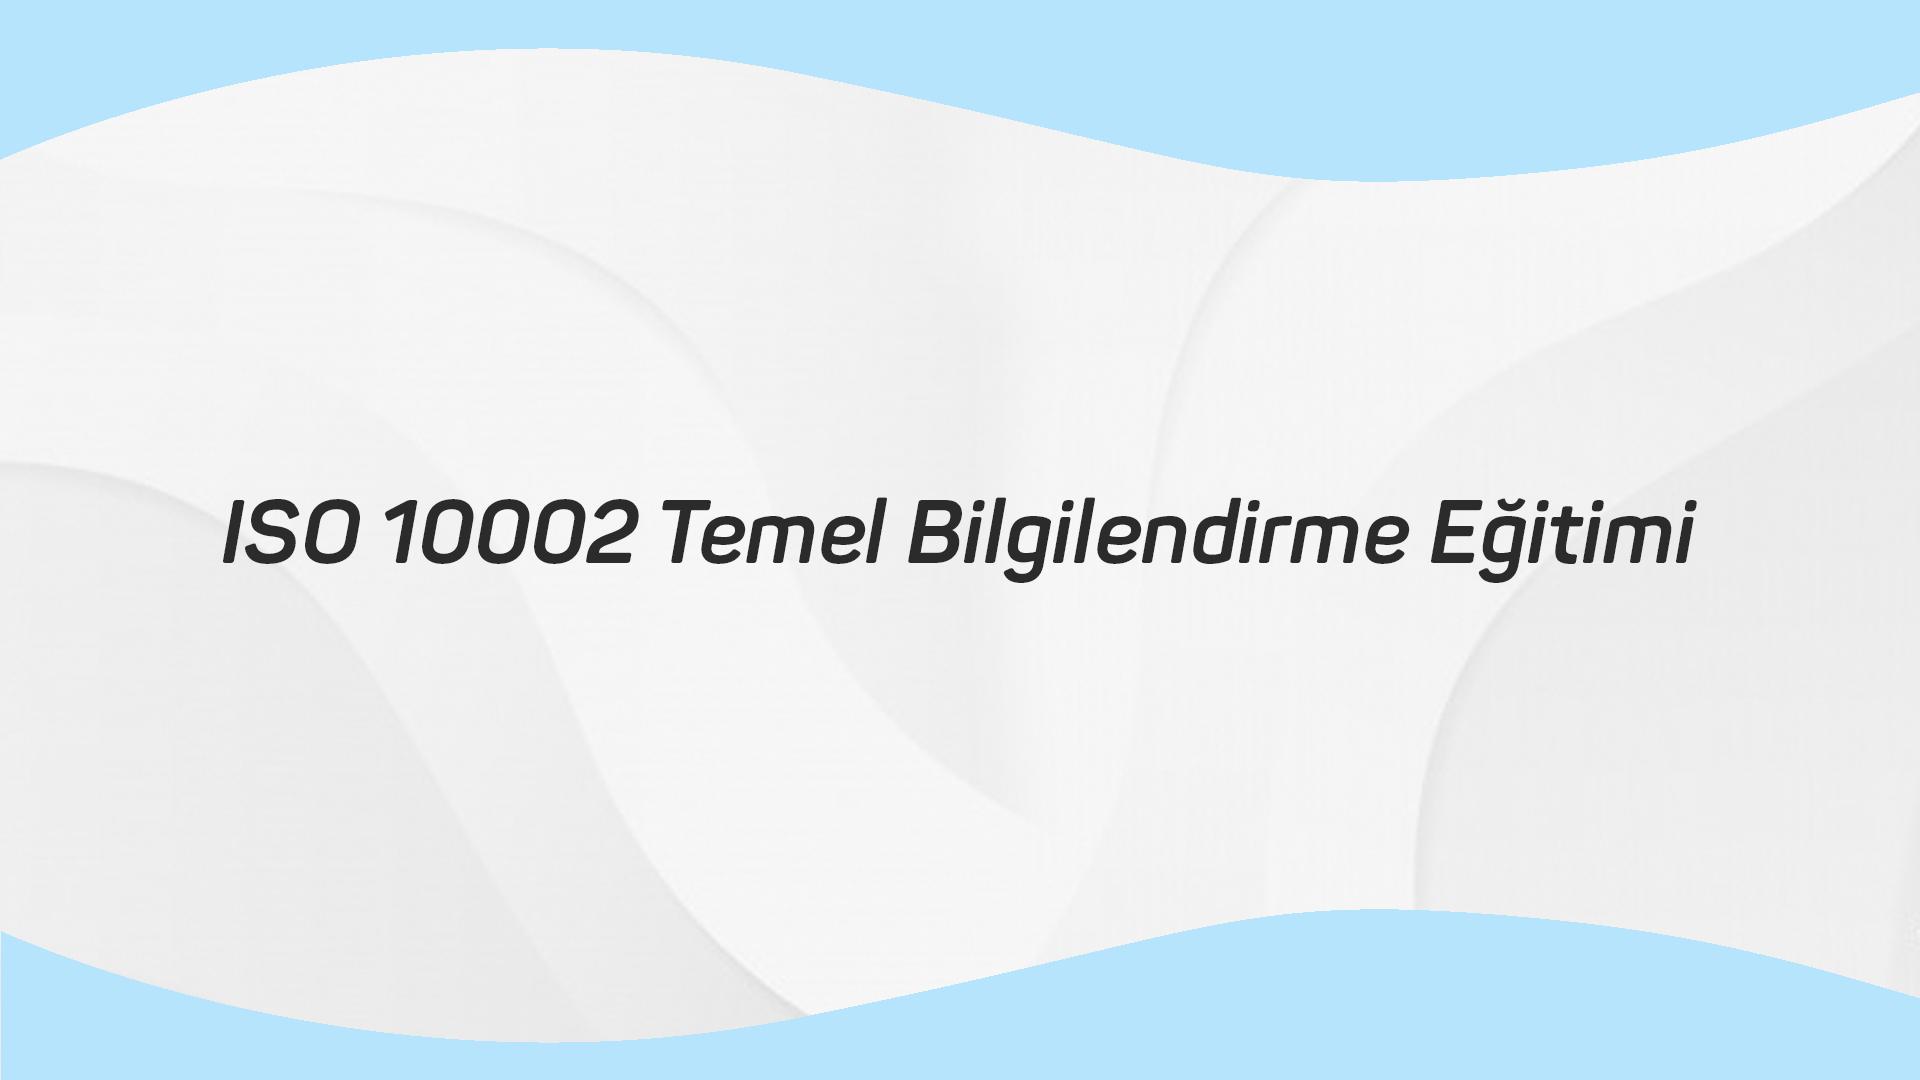 ISO 10002 Temel Bilgilendirme Eğitimi